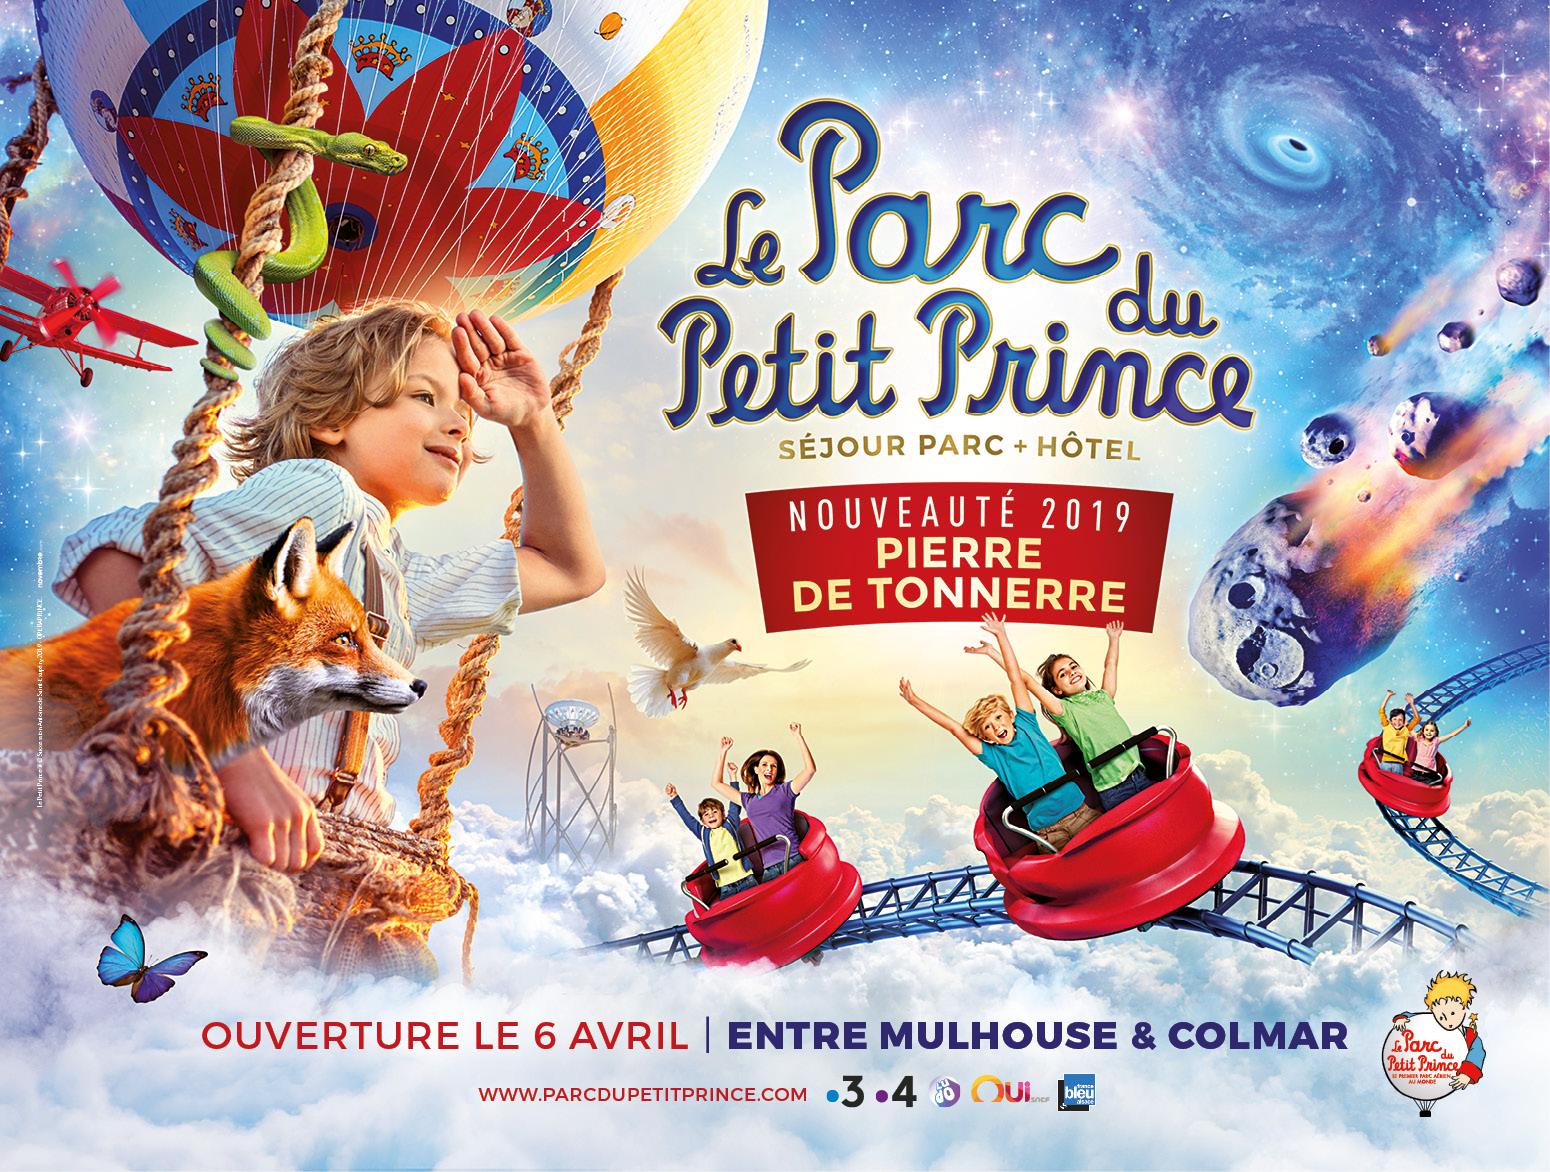 Der Park des kleinen Prinz